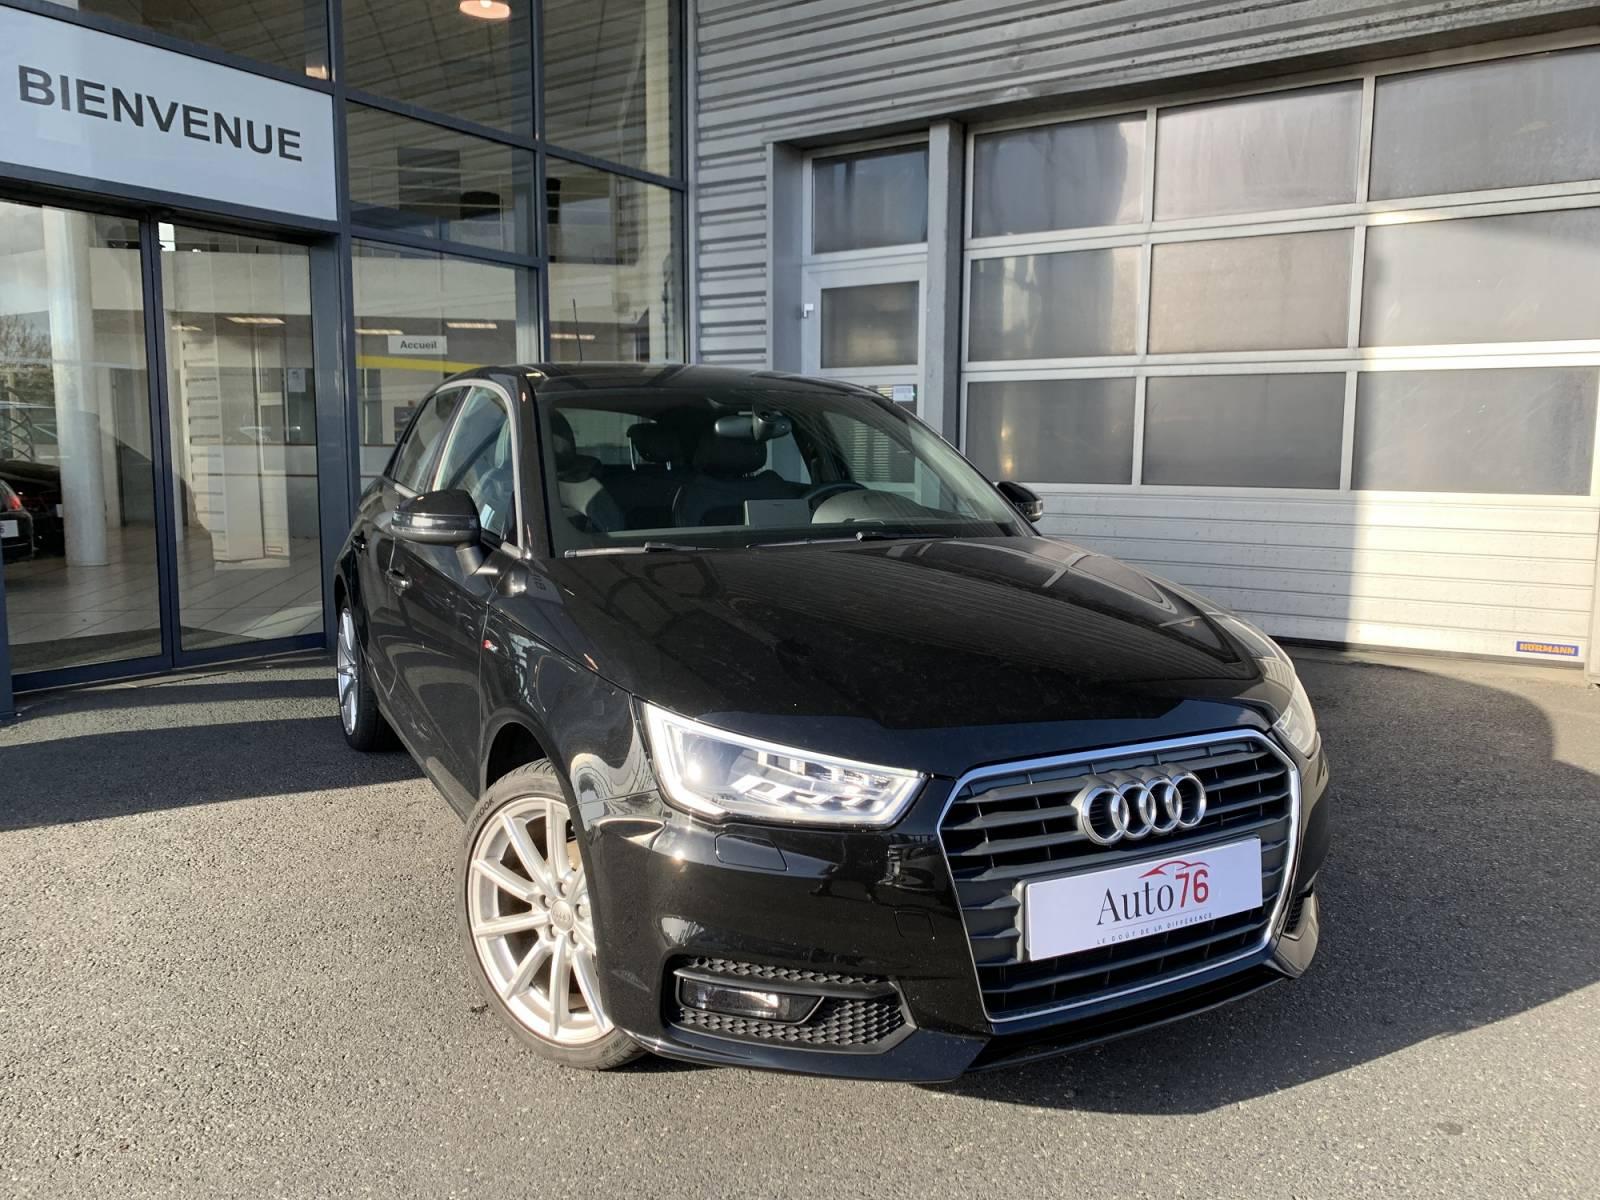 Vente de voitures d'occasion haut de gamme Le Havre - Auto 76